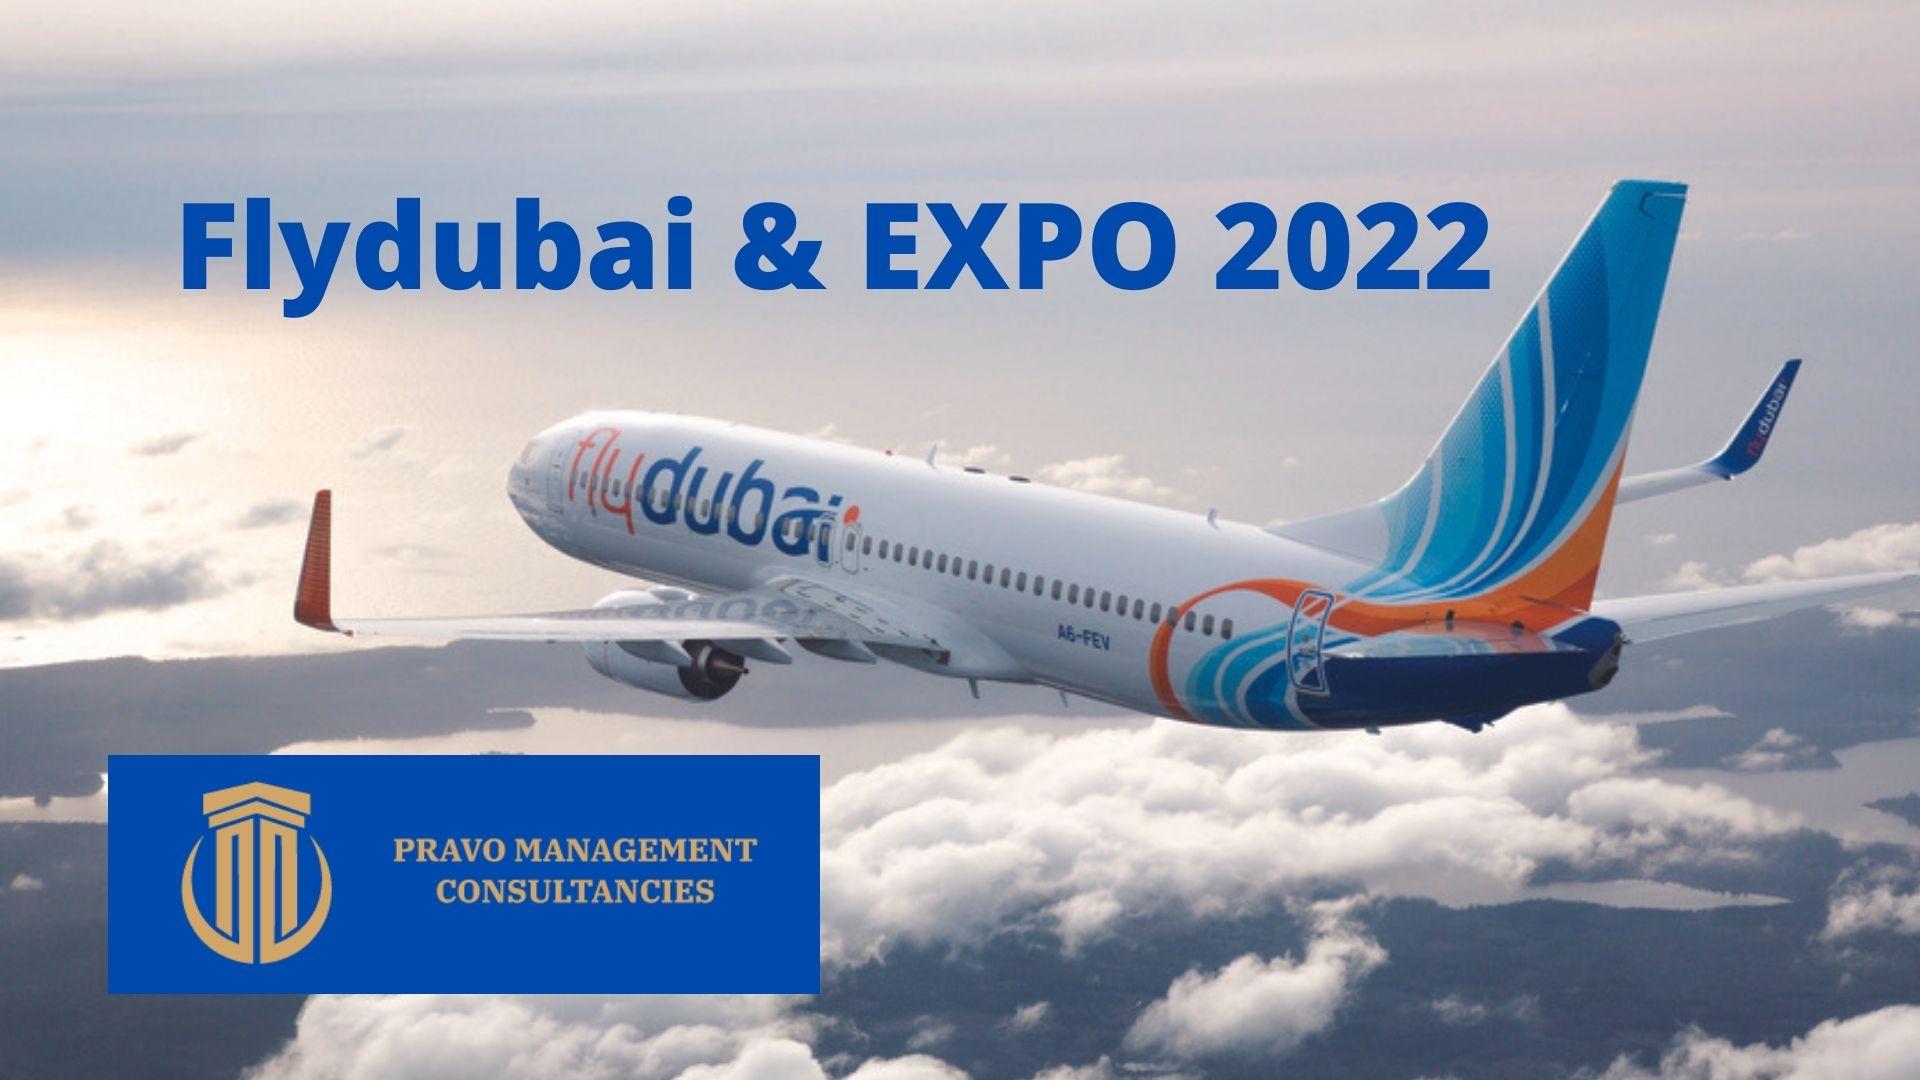 flydubai and expo 2022